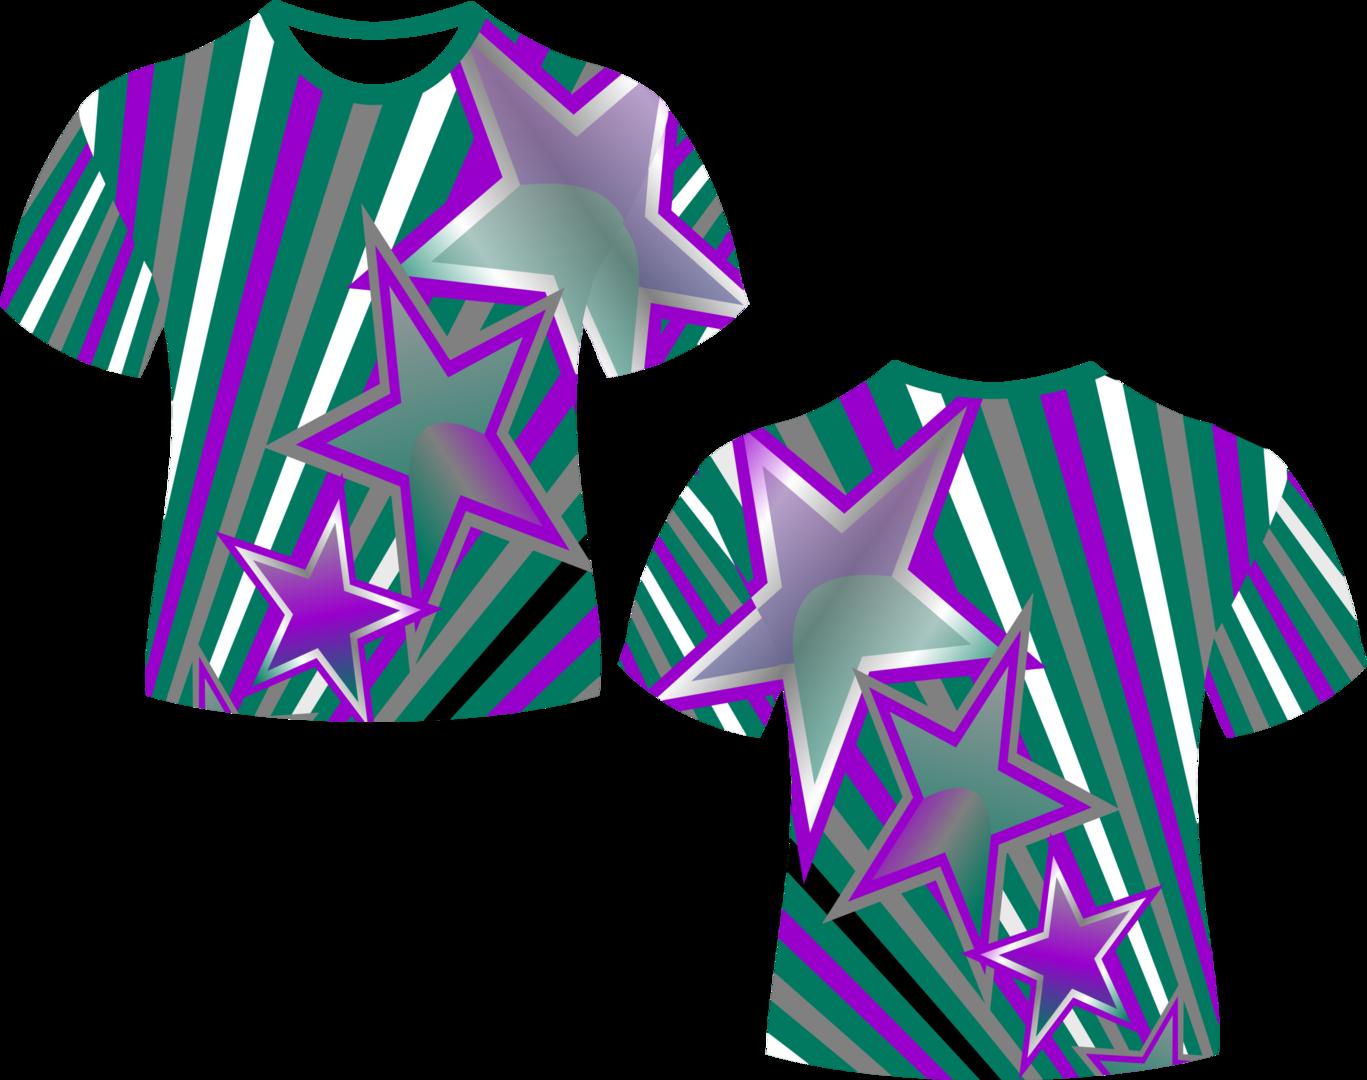 Full Dye Shirts - Softball, Fast Pitch Softball Shirts